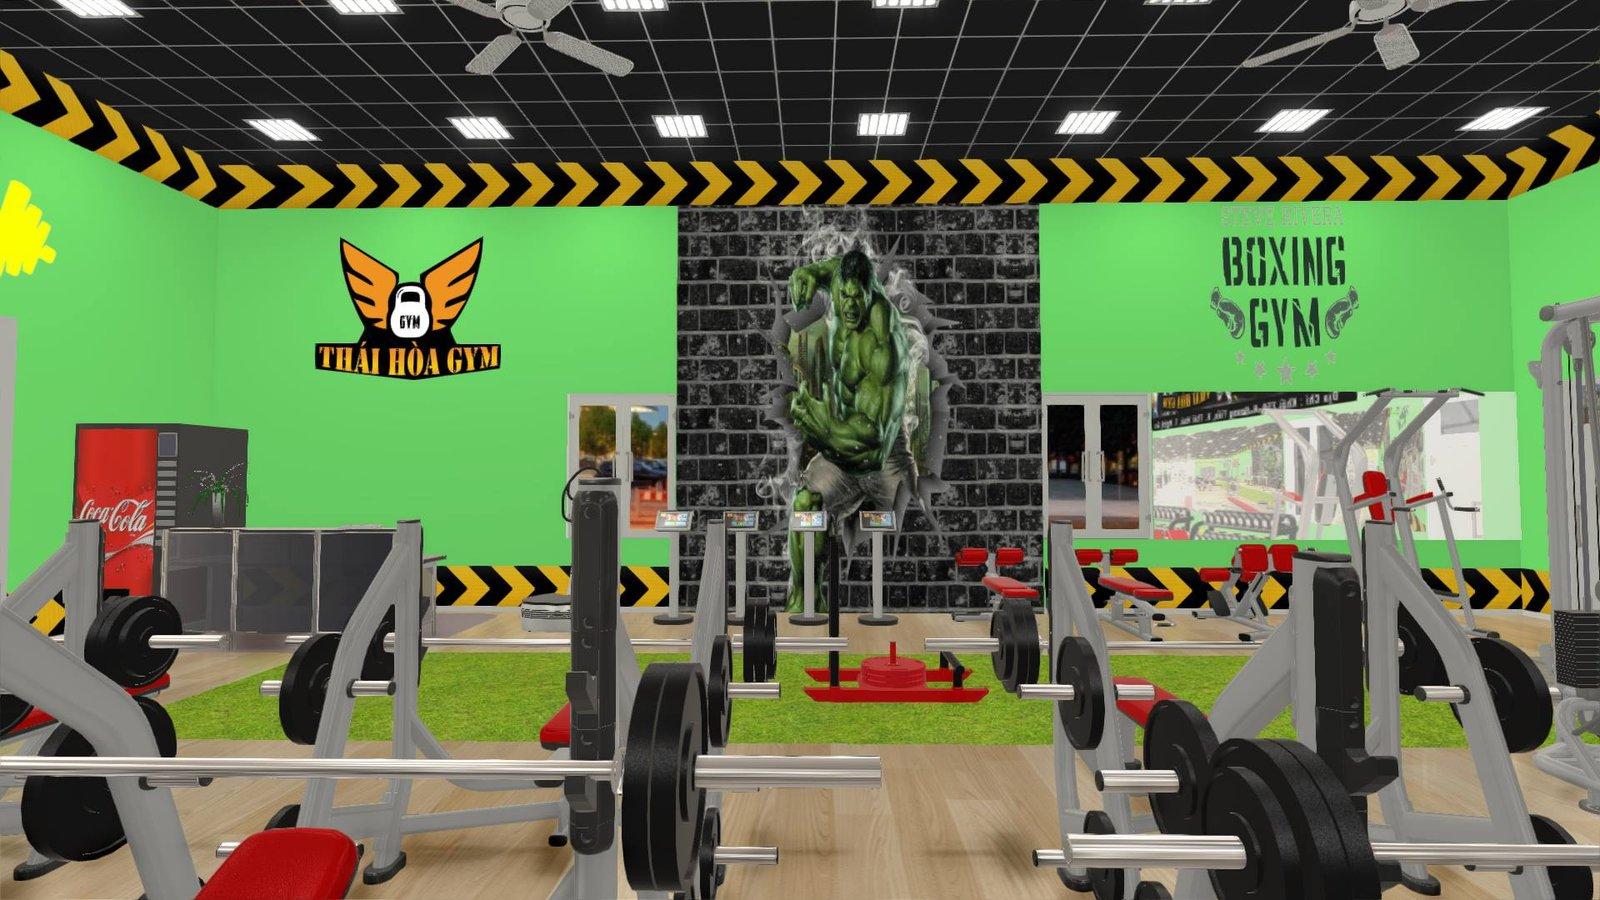 Ảnh 3D minh họa thiết kế phòng gym giá rẻ